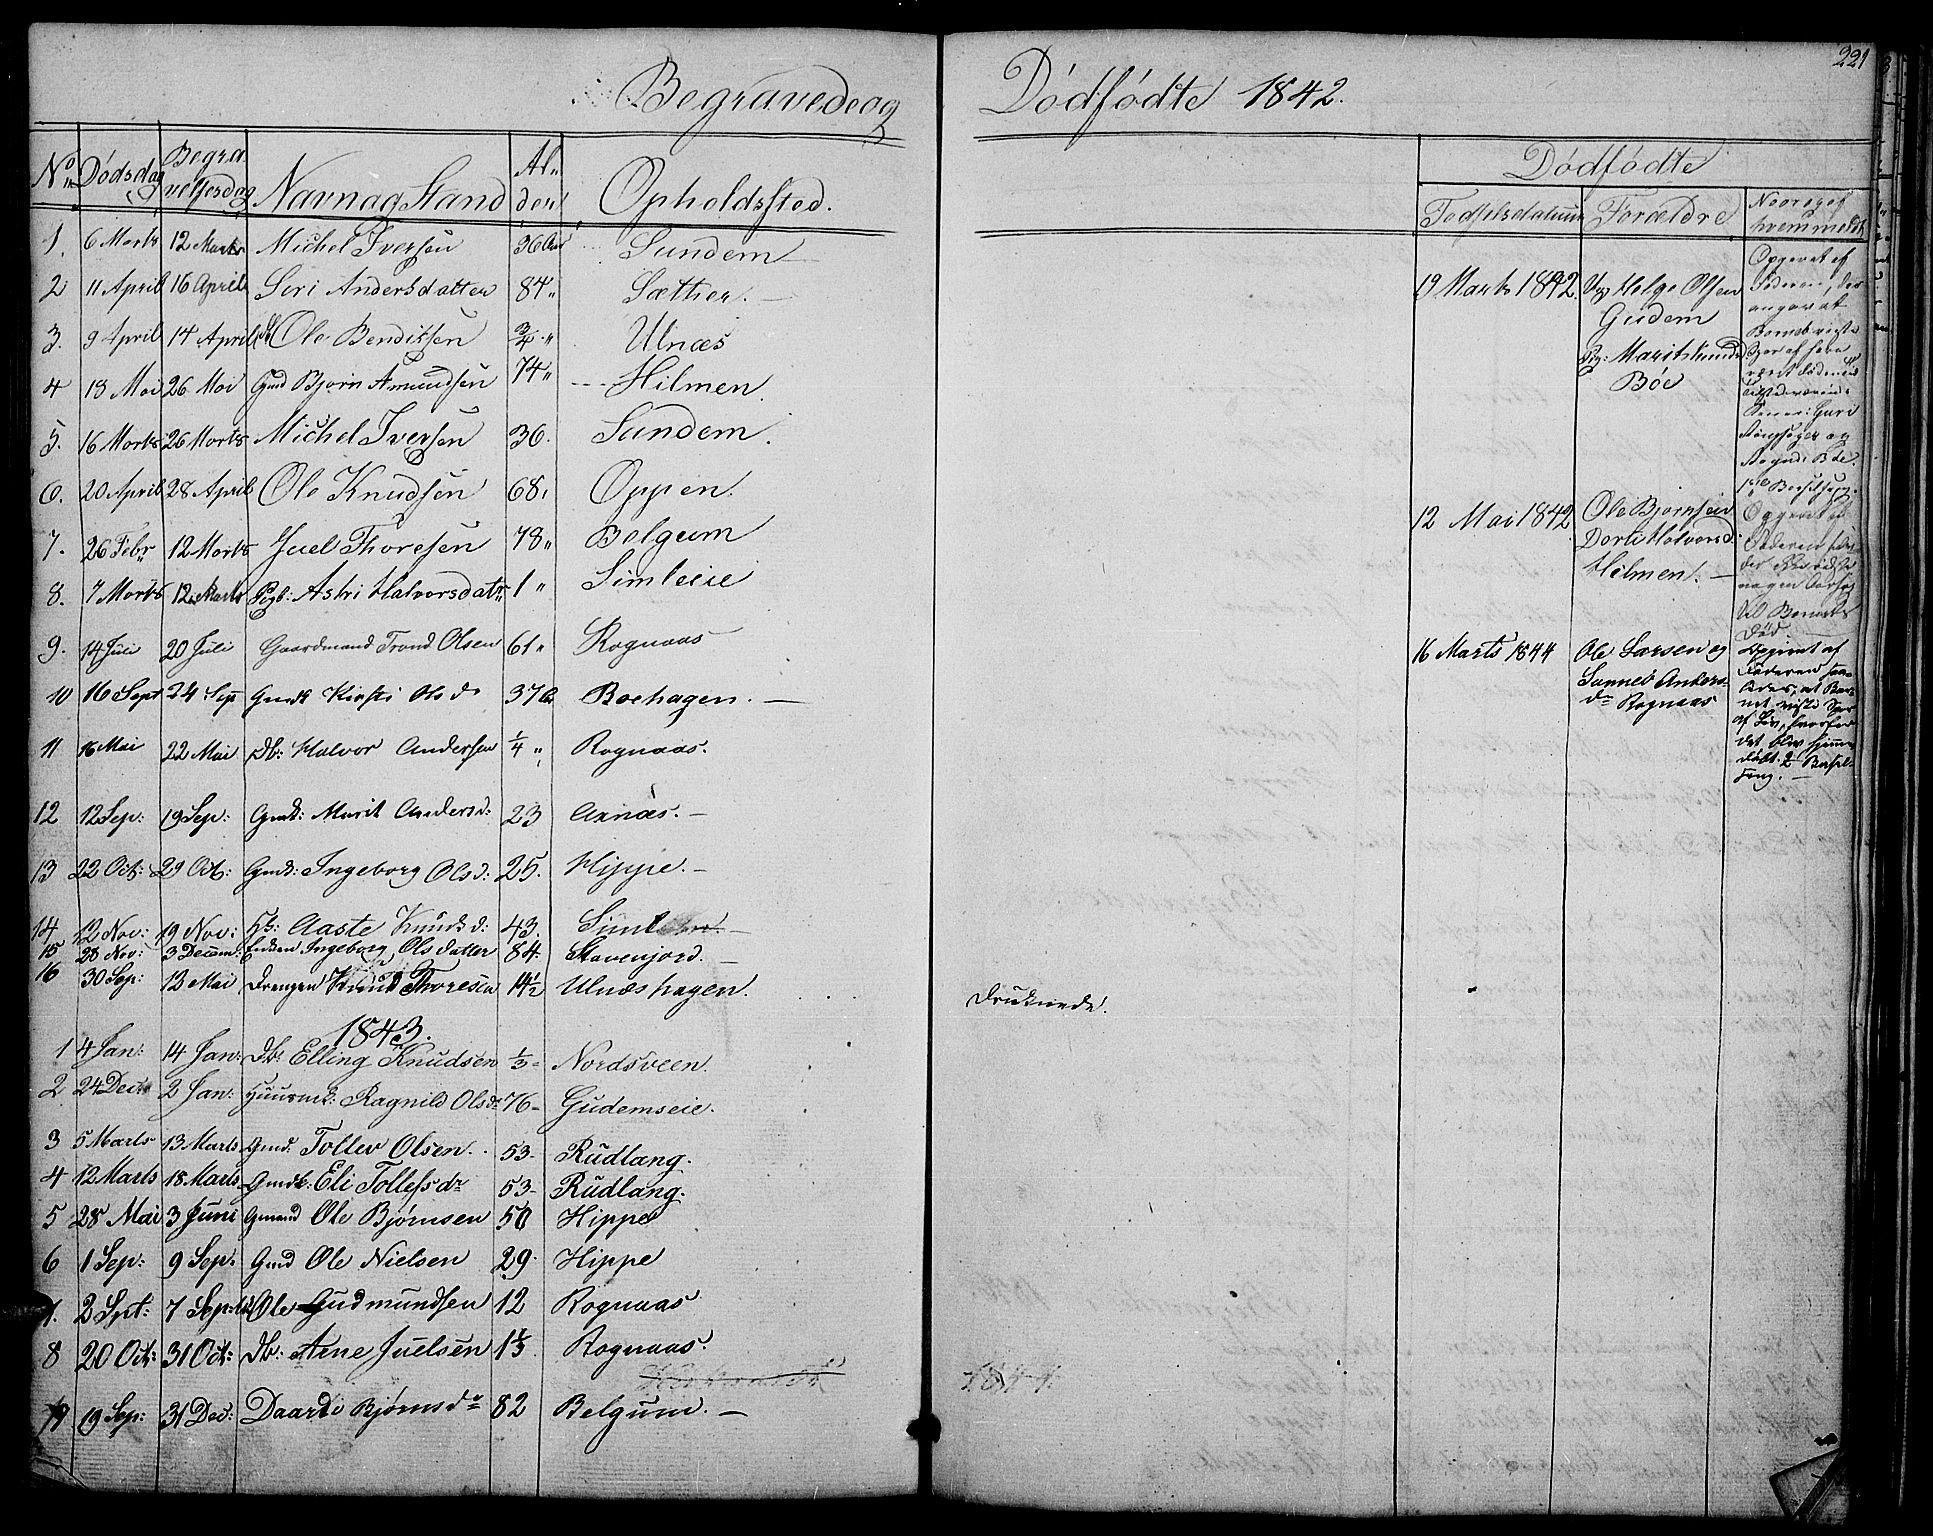 SAH, Nord-Aurdal prestekontor, Klokkerbok nr. 4, 1842-1882, s. 221